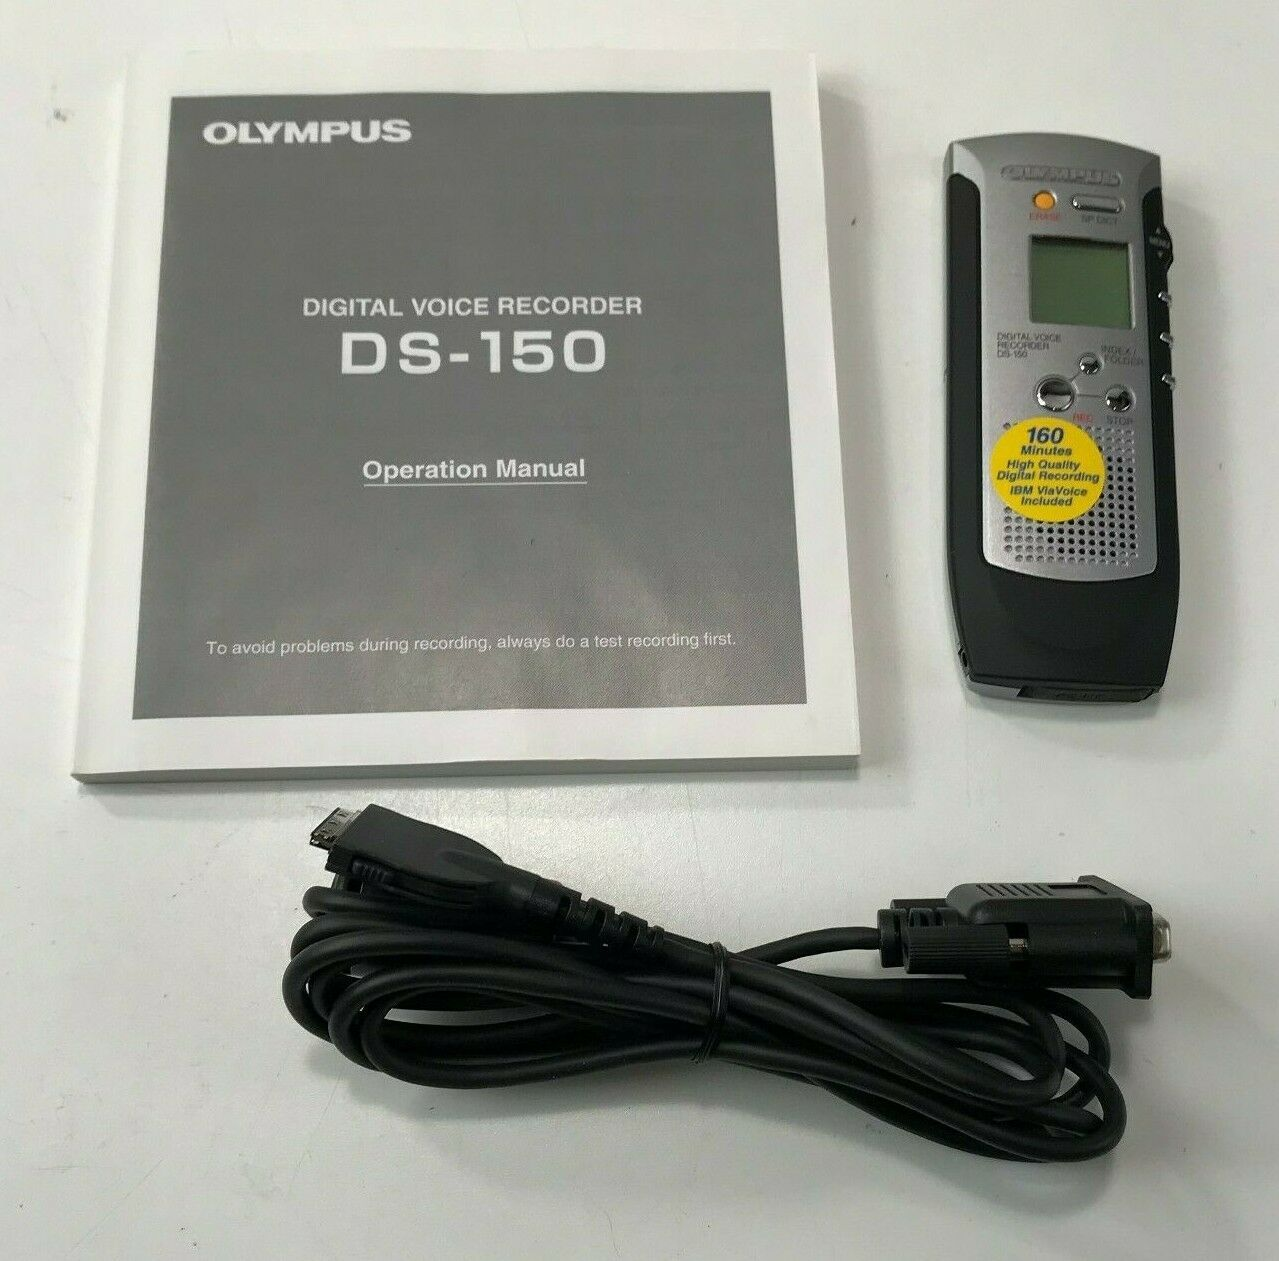 Business & Industrial Dictaphones & Voice Recorders Handheld ...